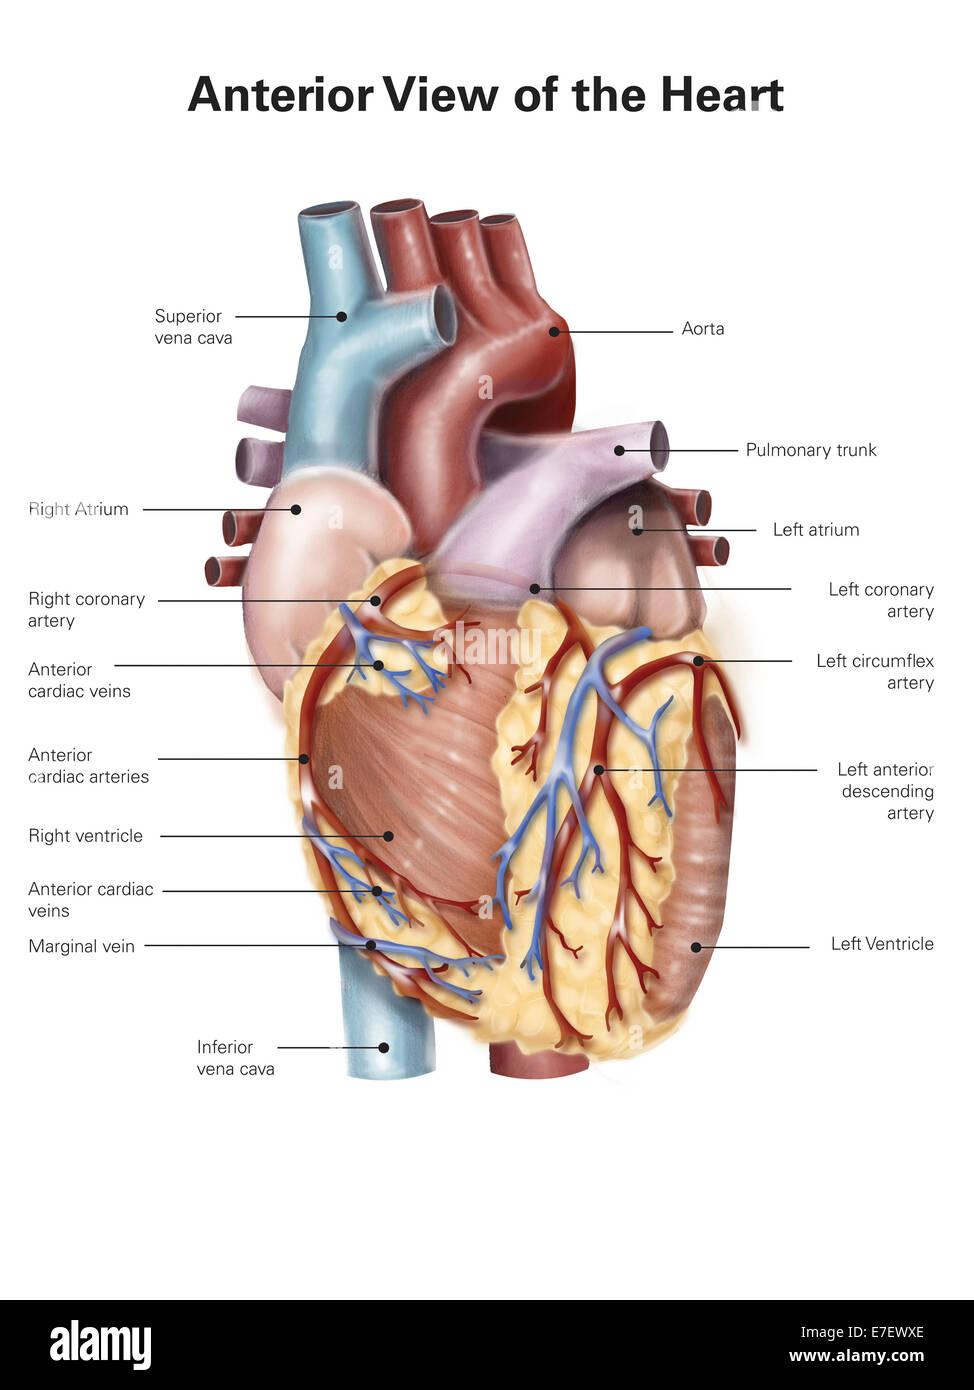 Ansicht von ventral des menschlichen Herzens Stockfoto, Bild ...